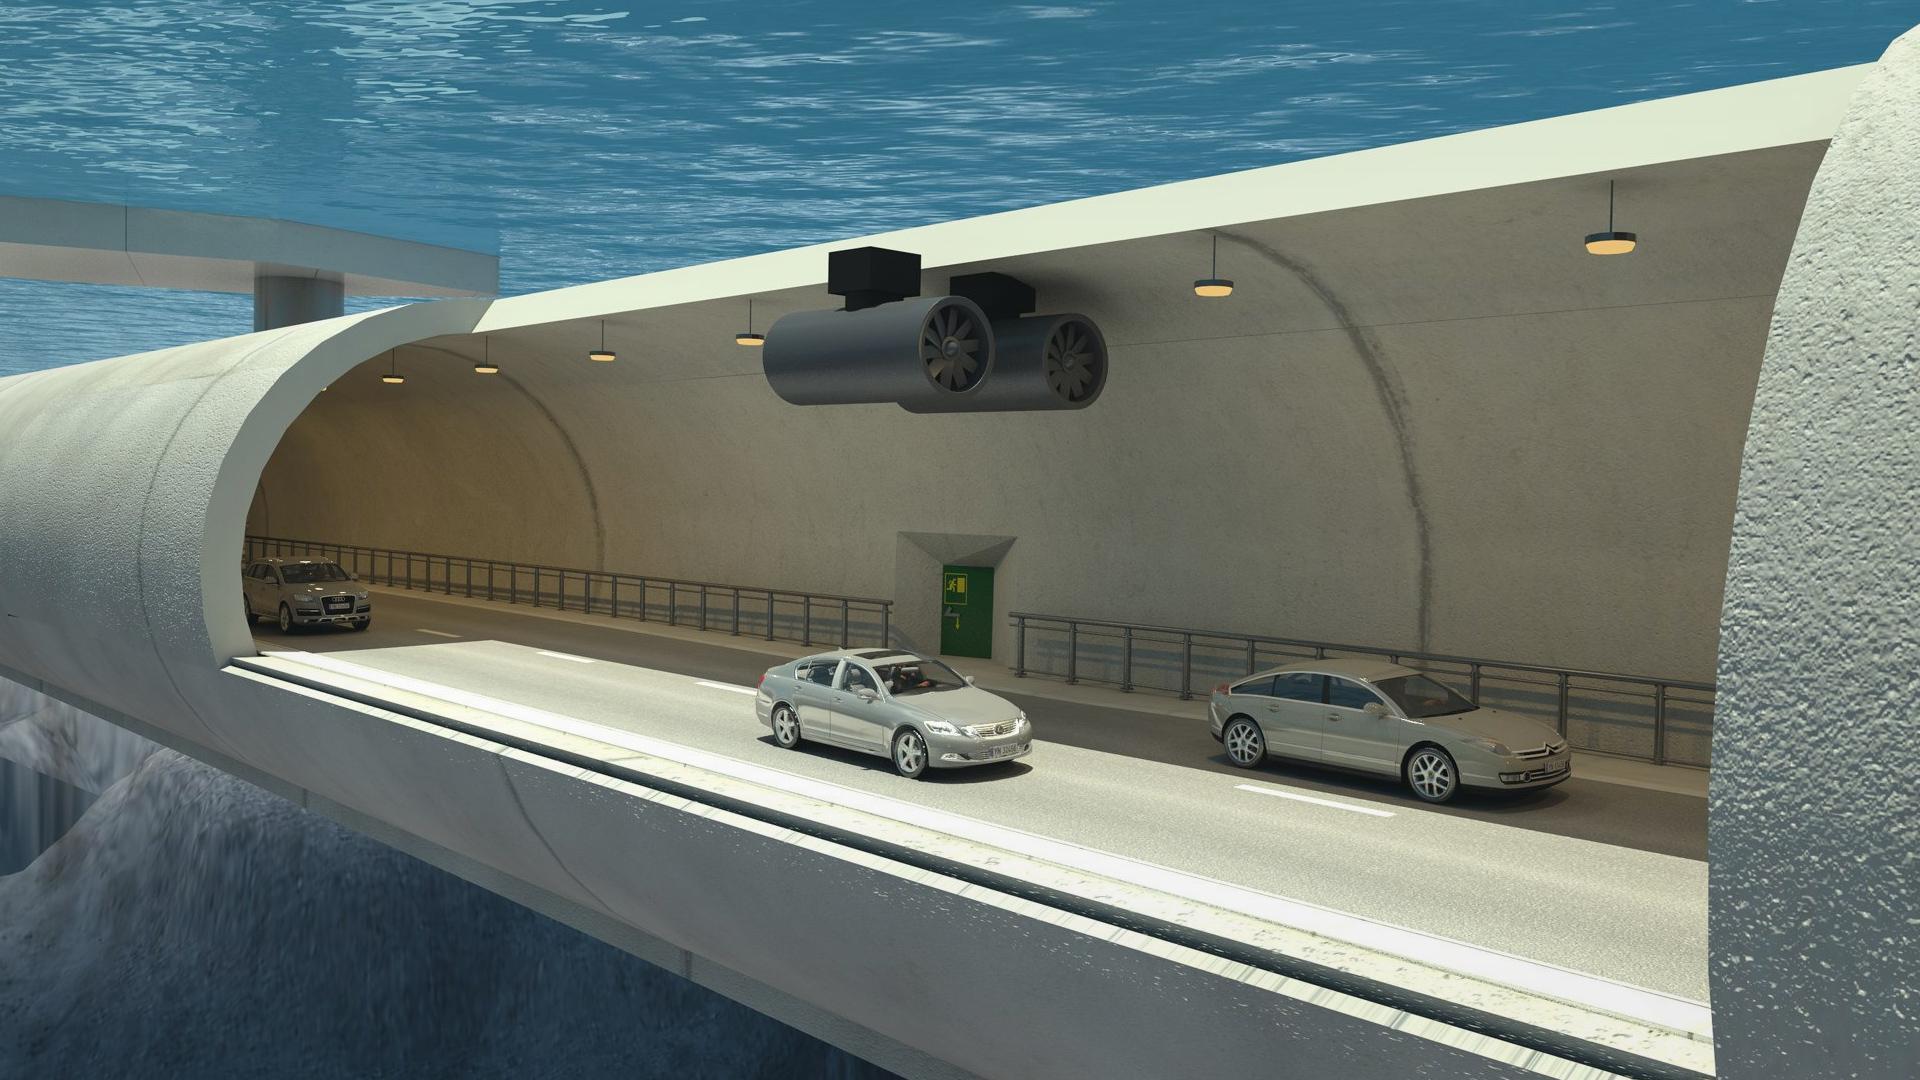 Construirán el primer túnel submarino flotante del mundo